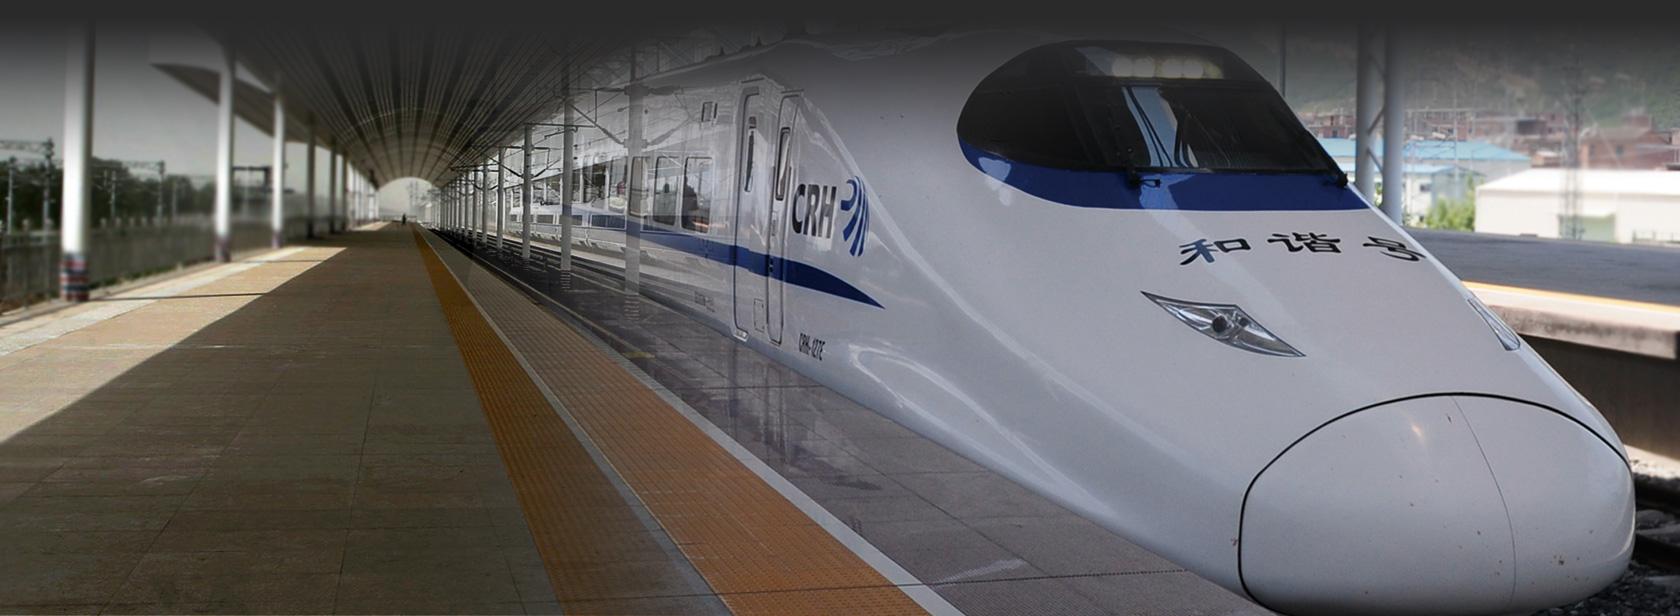 北京巨成科技-为铁路系统及沿线设施提供蓄电池监测管理系统